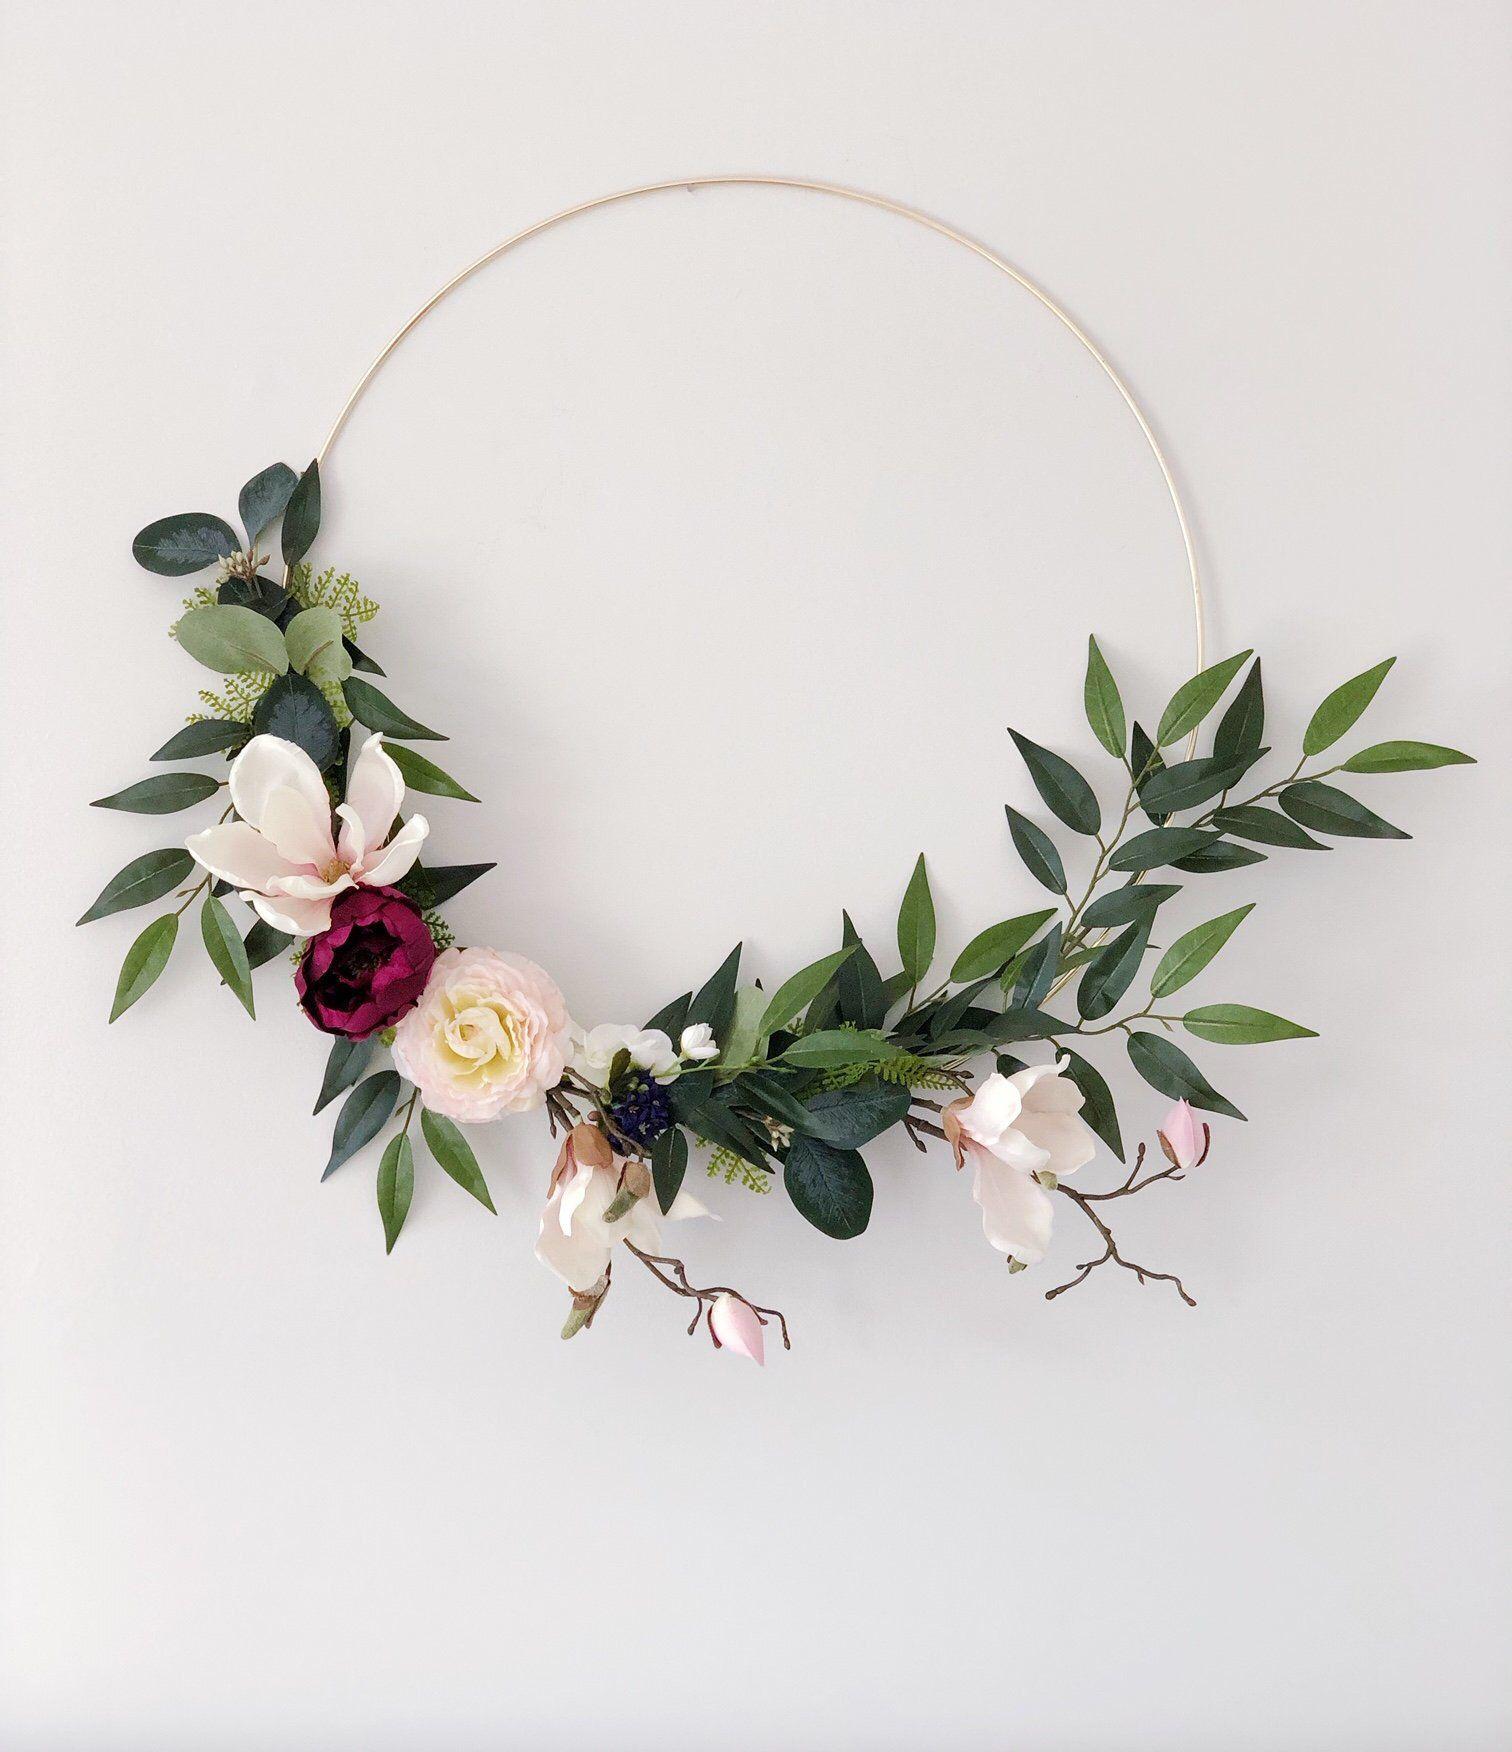 Photo of Magnolia Hoop Wreath, Minimalist Wreath, Hoop Wreath, Modern Spring Wreath, Gold Hoop Wreath, Wedding Hoop Wreath, Wedding Backdrop